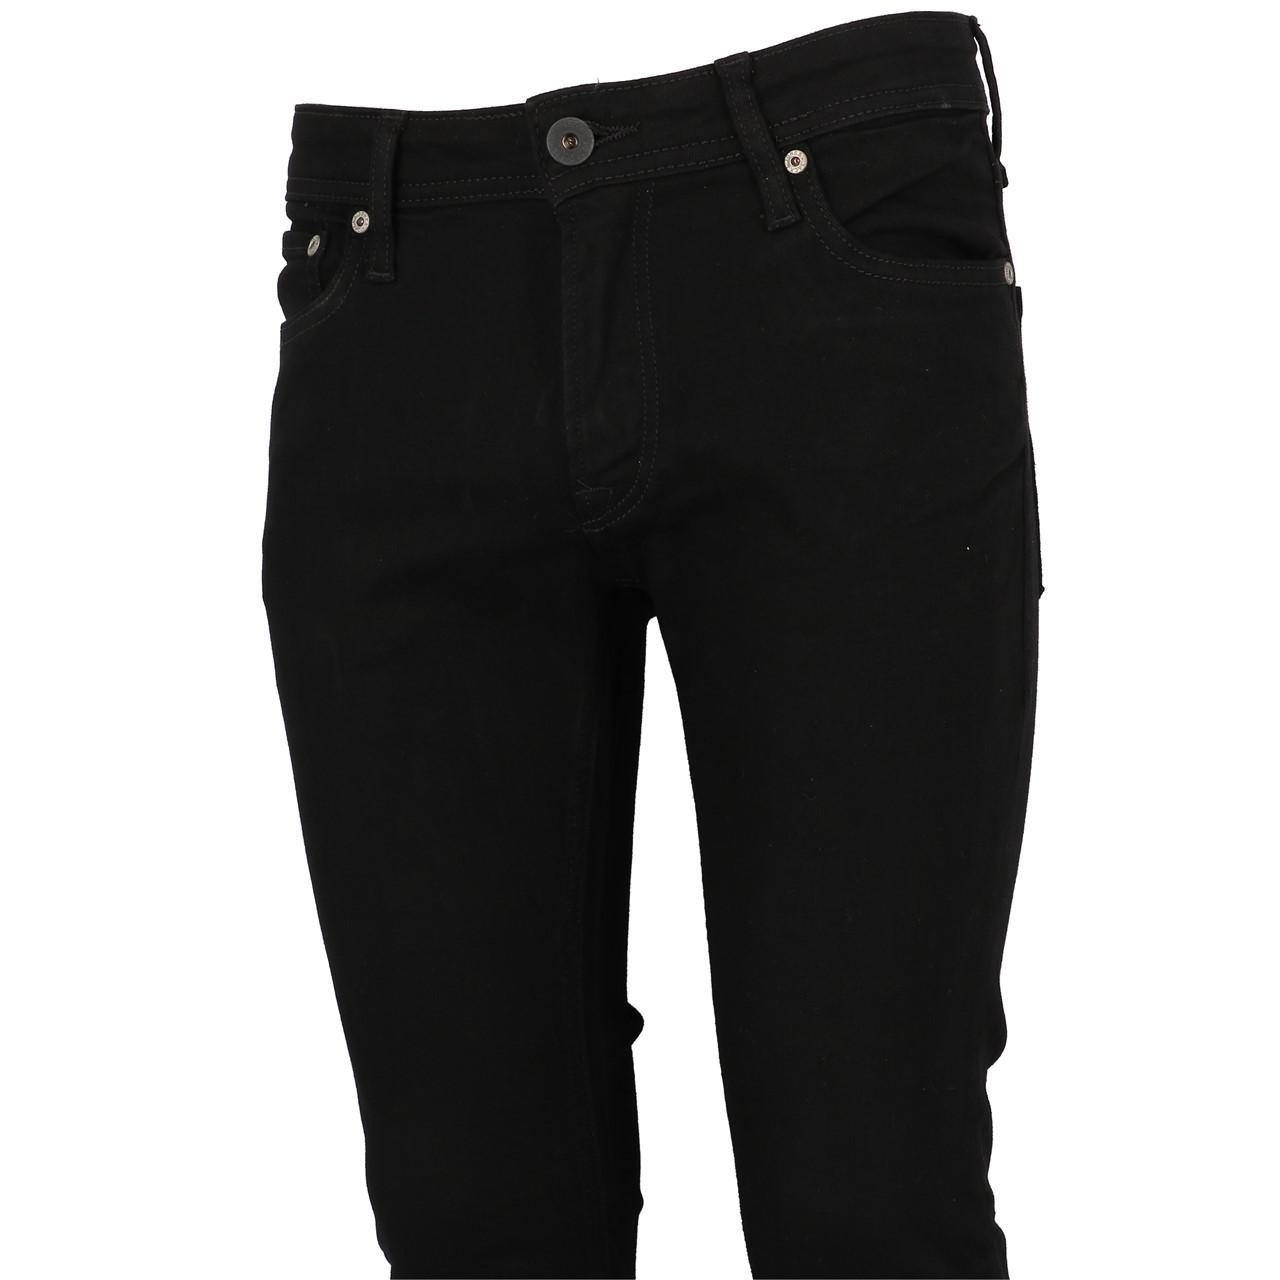 Jeans-Pants-Jack-and-jones-Liam-32-Blk-Denim-Black-Jeans-19909-New thumbnail 4